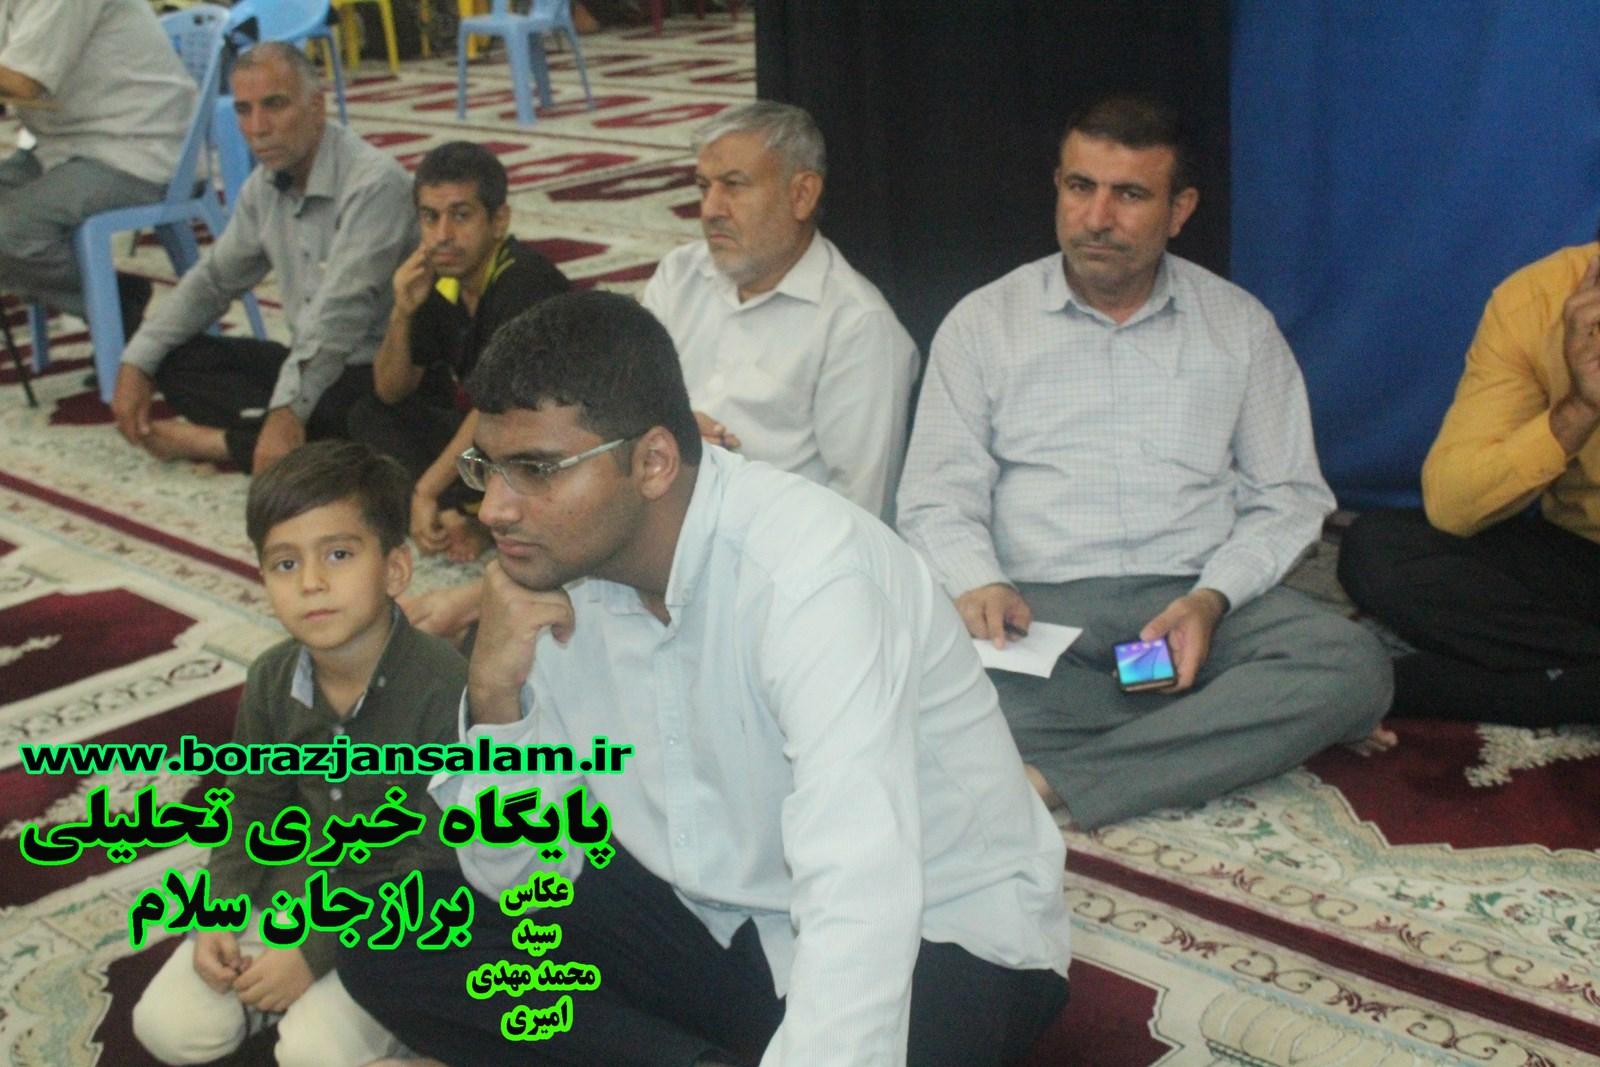 نشست ۱۳ آبان تسخیر لانه جاسوسی امریکا  در  پایگاه مقاومت مسجد امام علی برازجان برگزارشد .